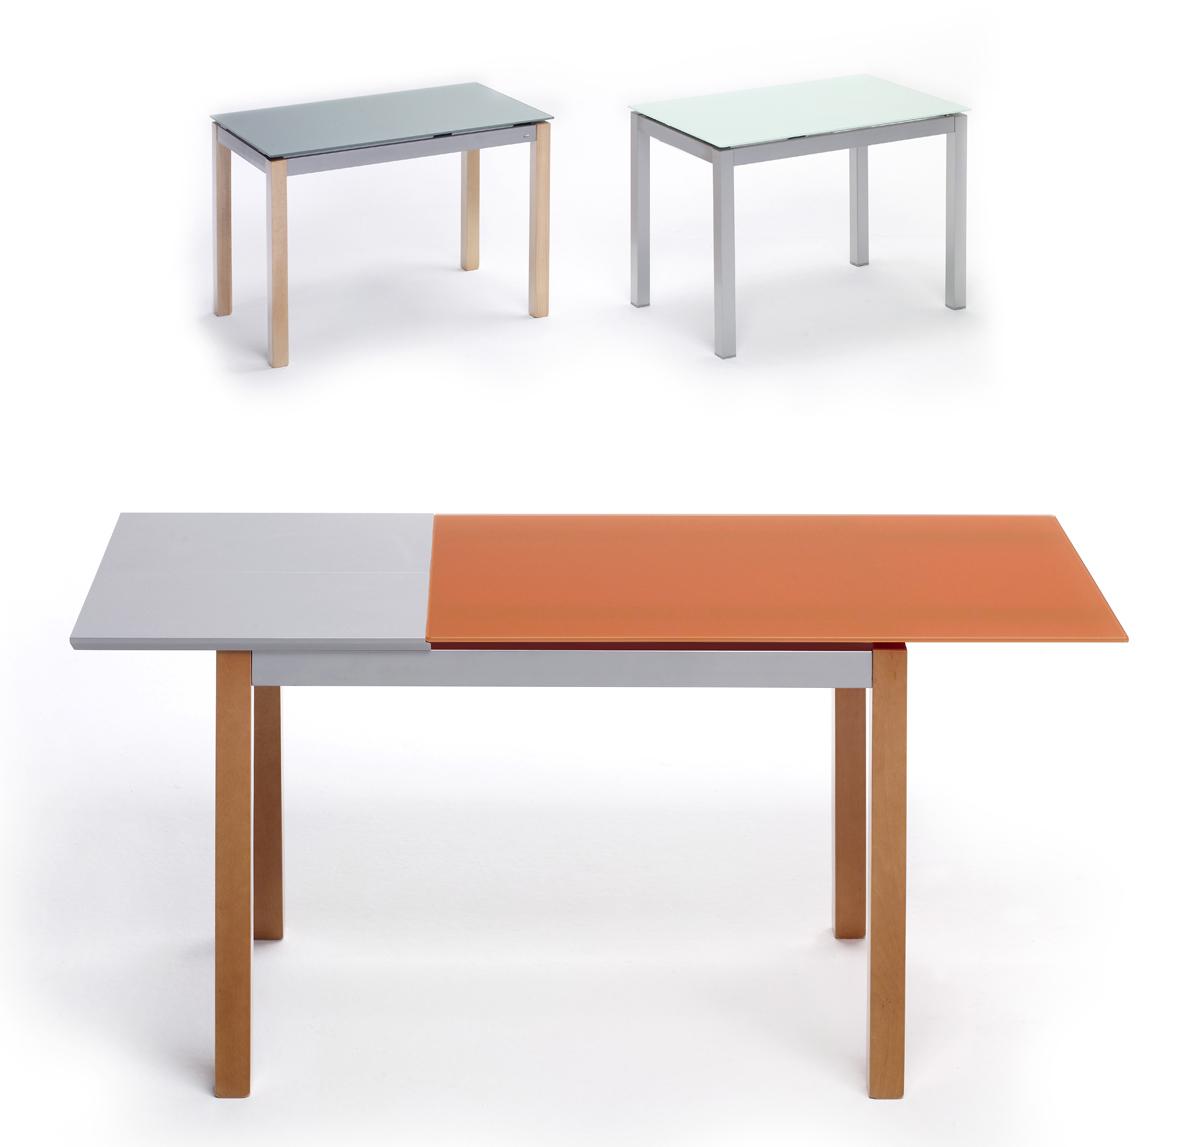 Mesa cocina a 2 decora descans complementos mueble hogar for Mueble mesa cocina